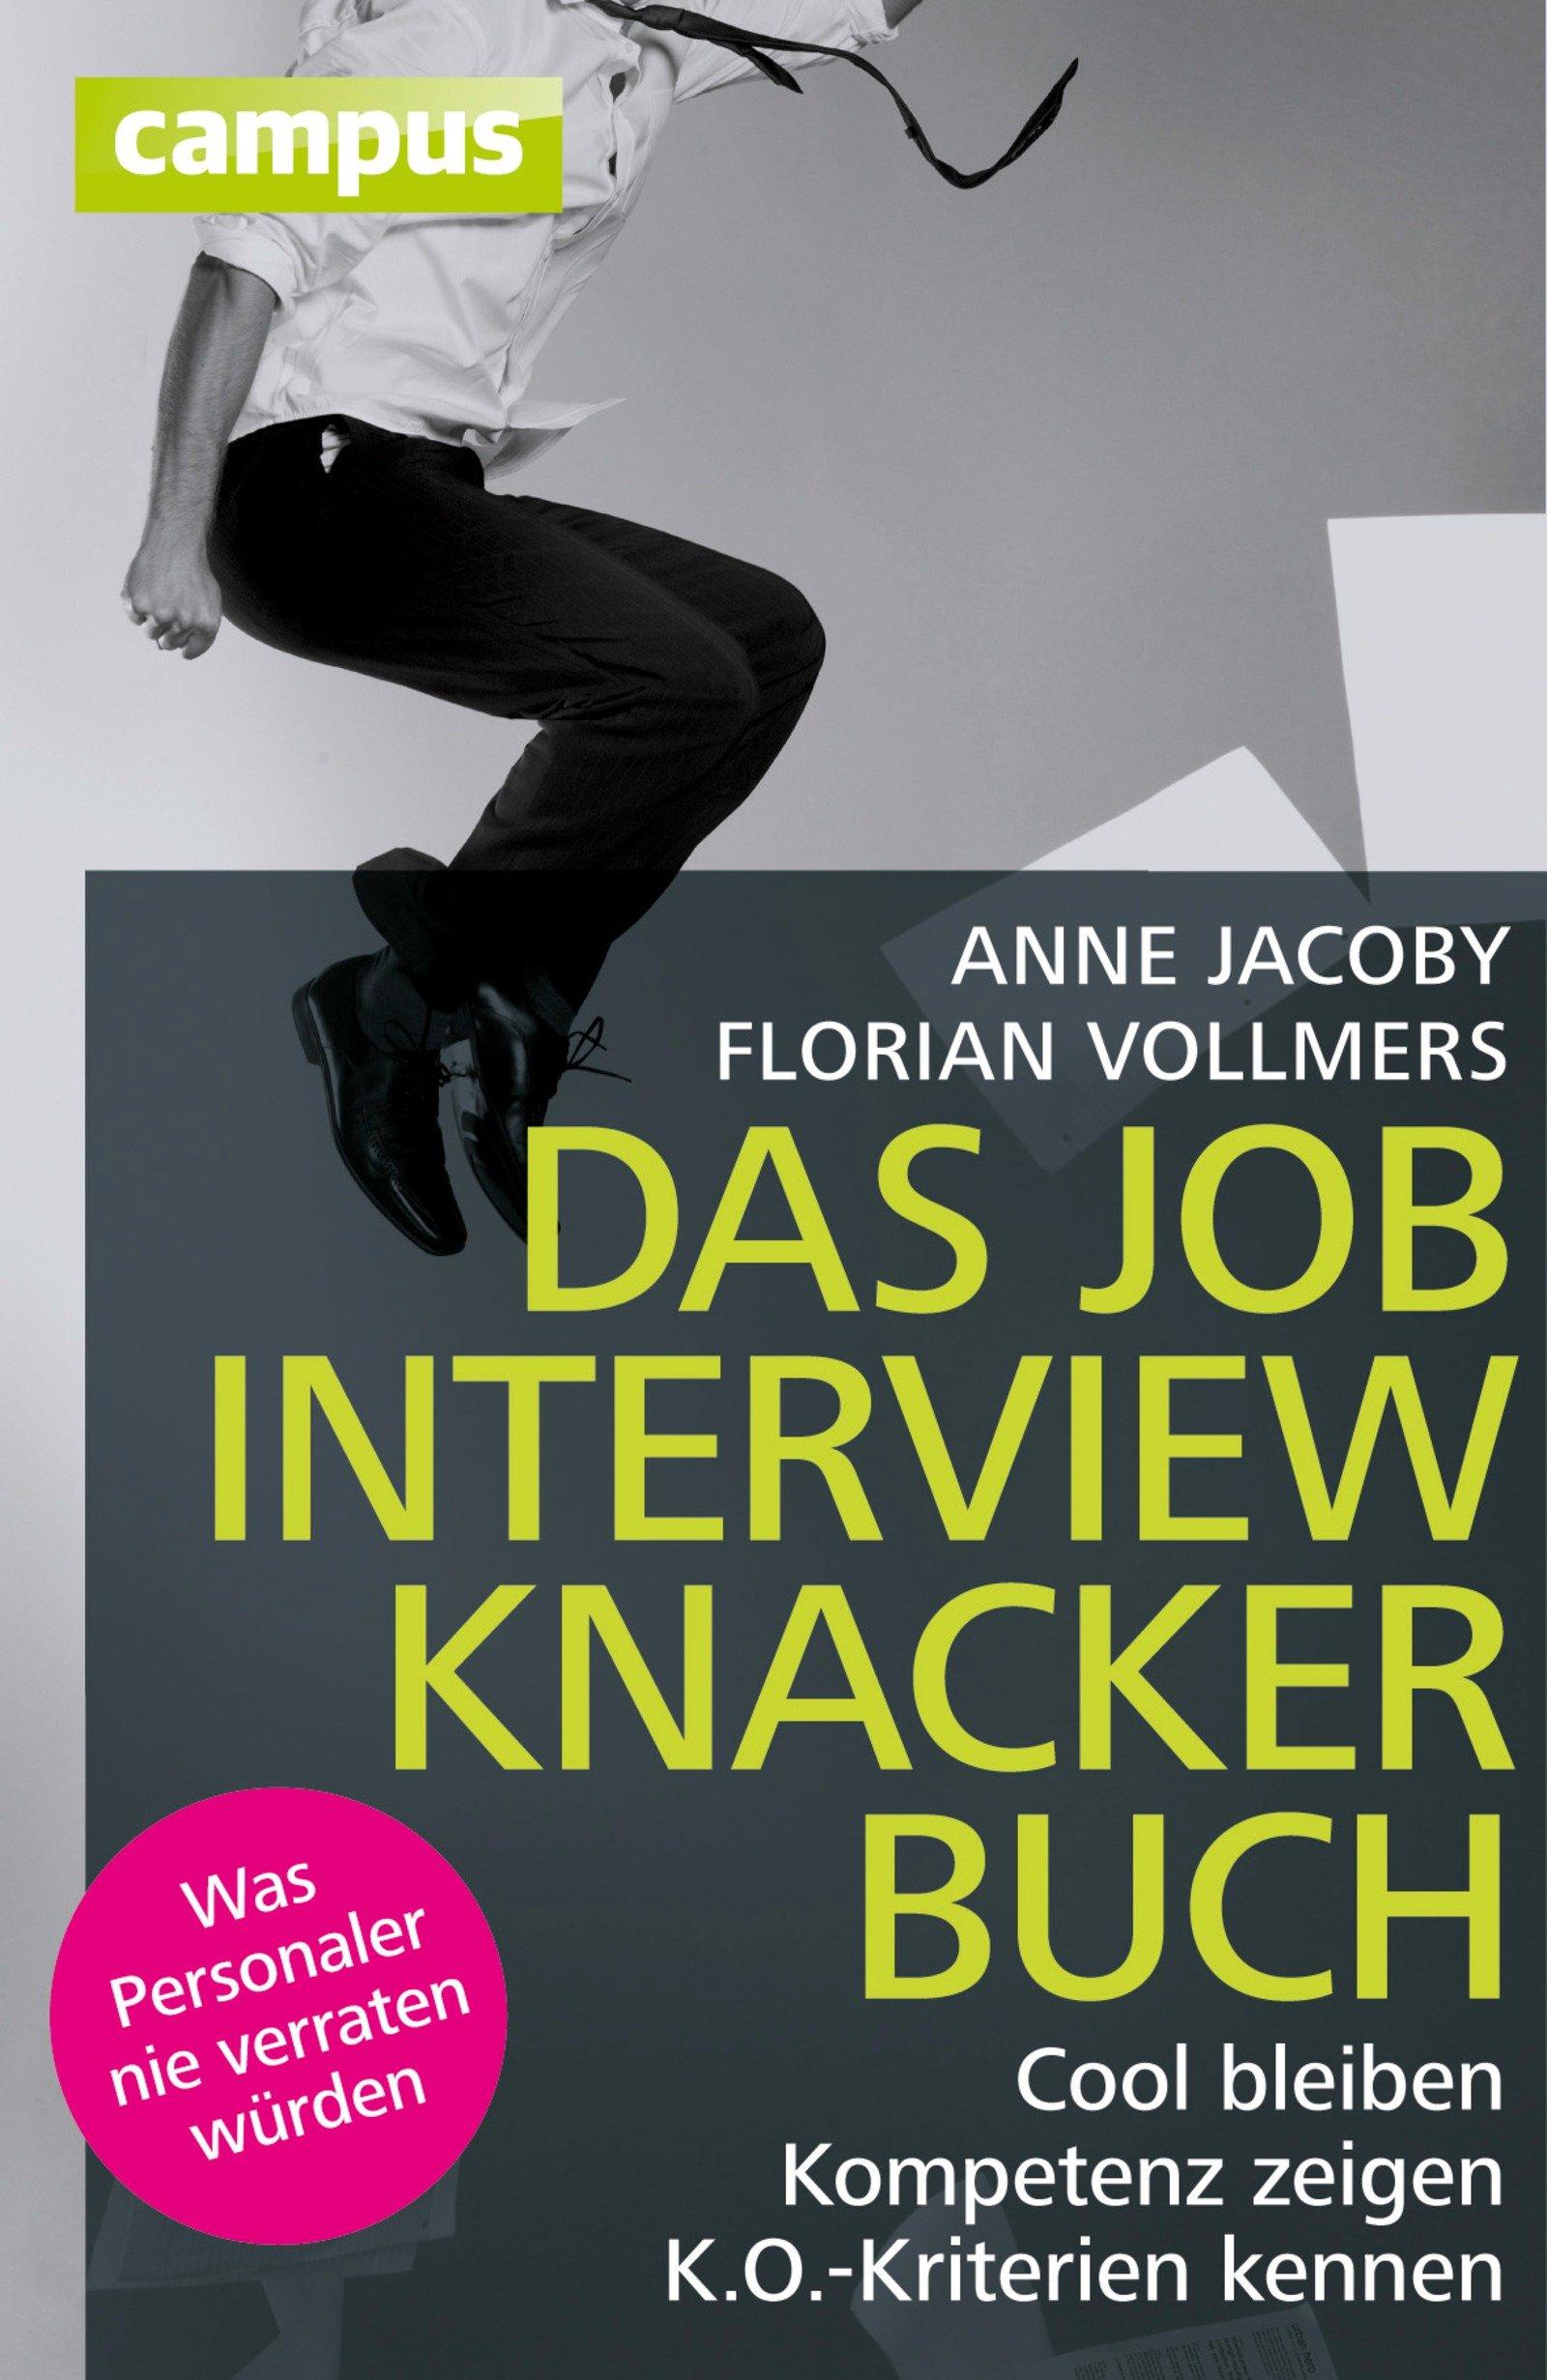 Das Jobinterviewknackerbuch Cool bleiben - Kompetenz zeigen - K